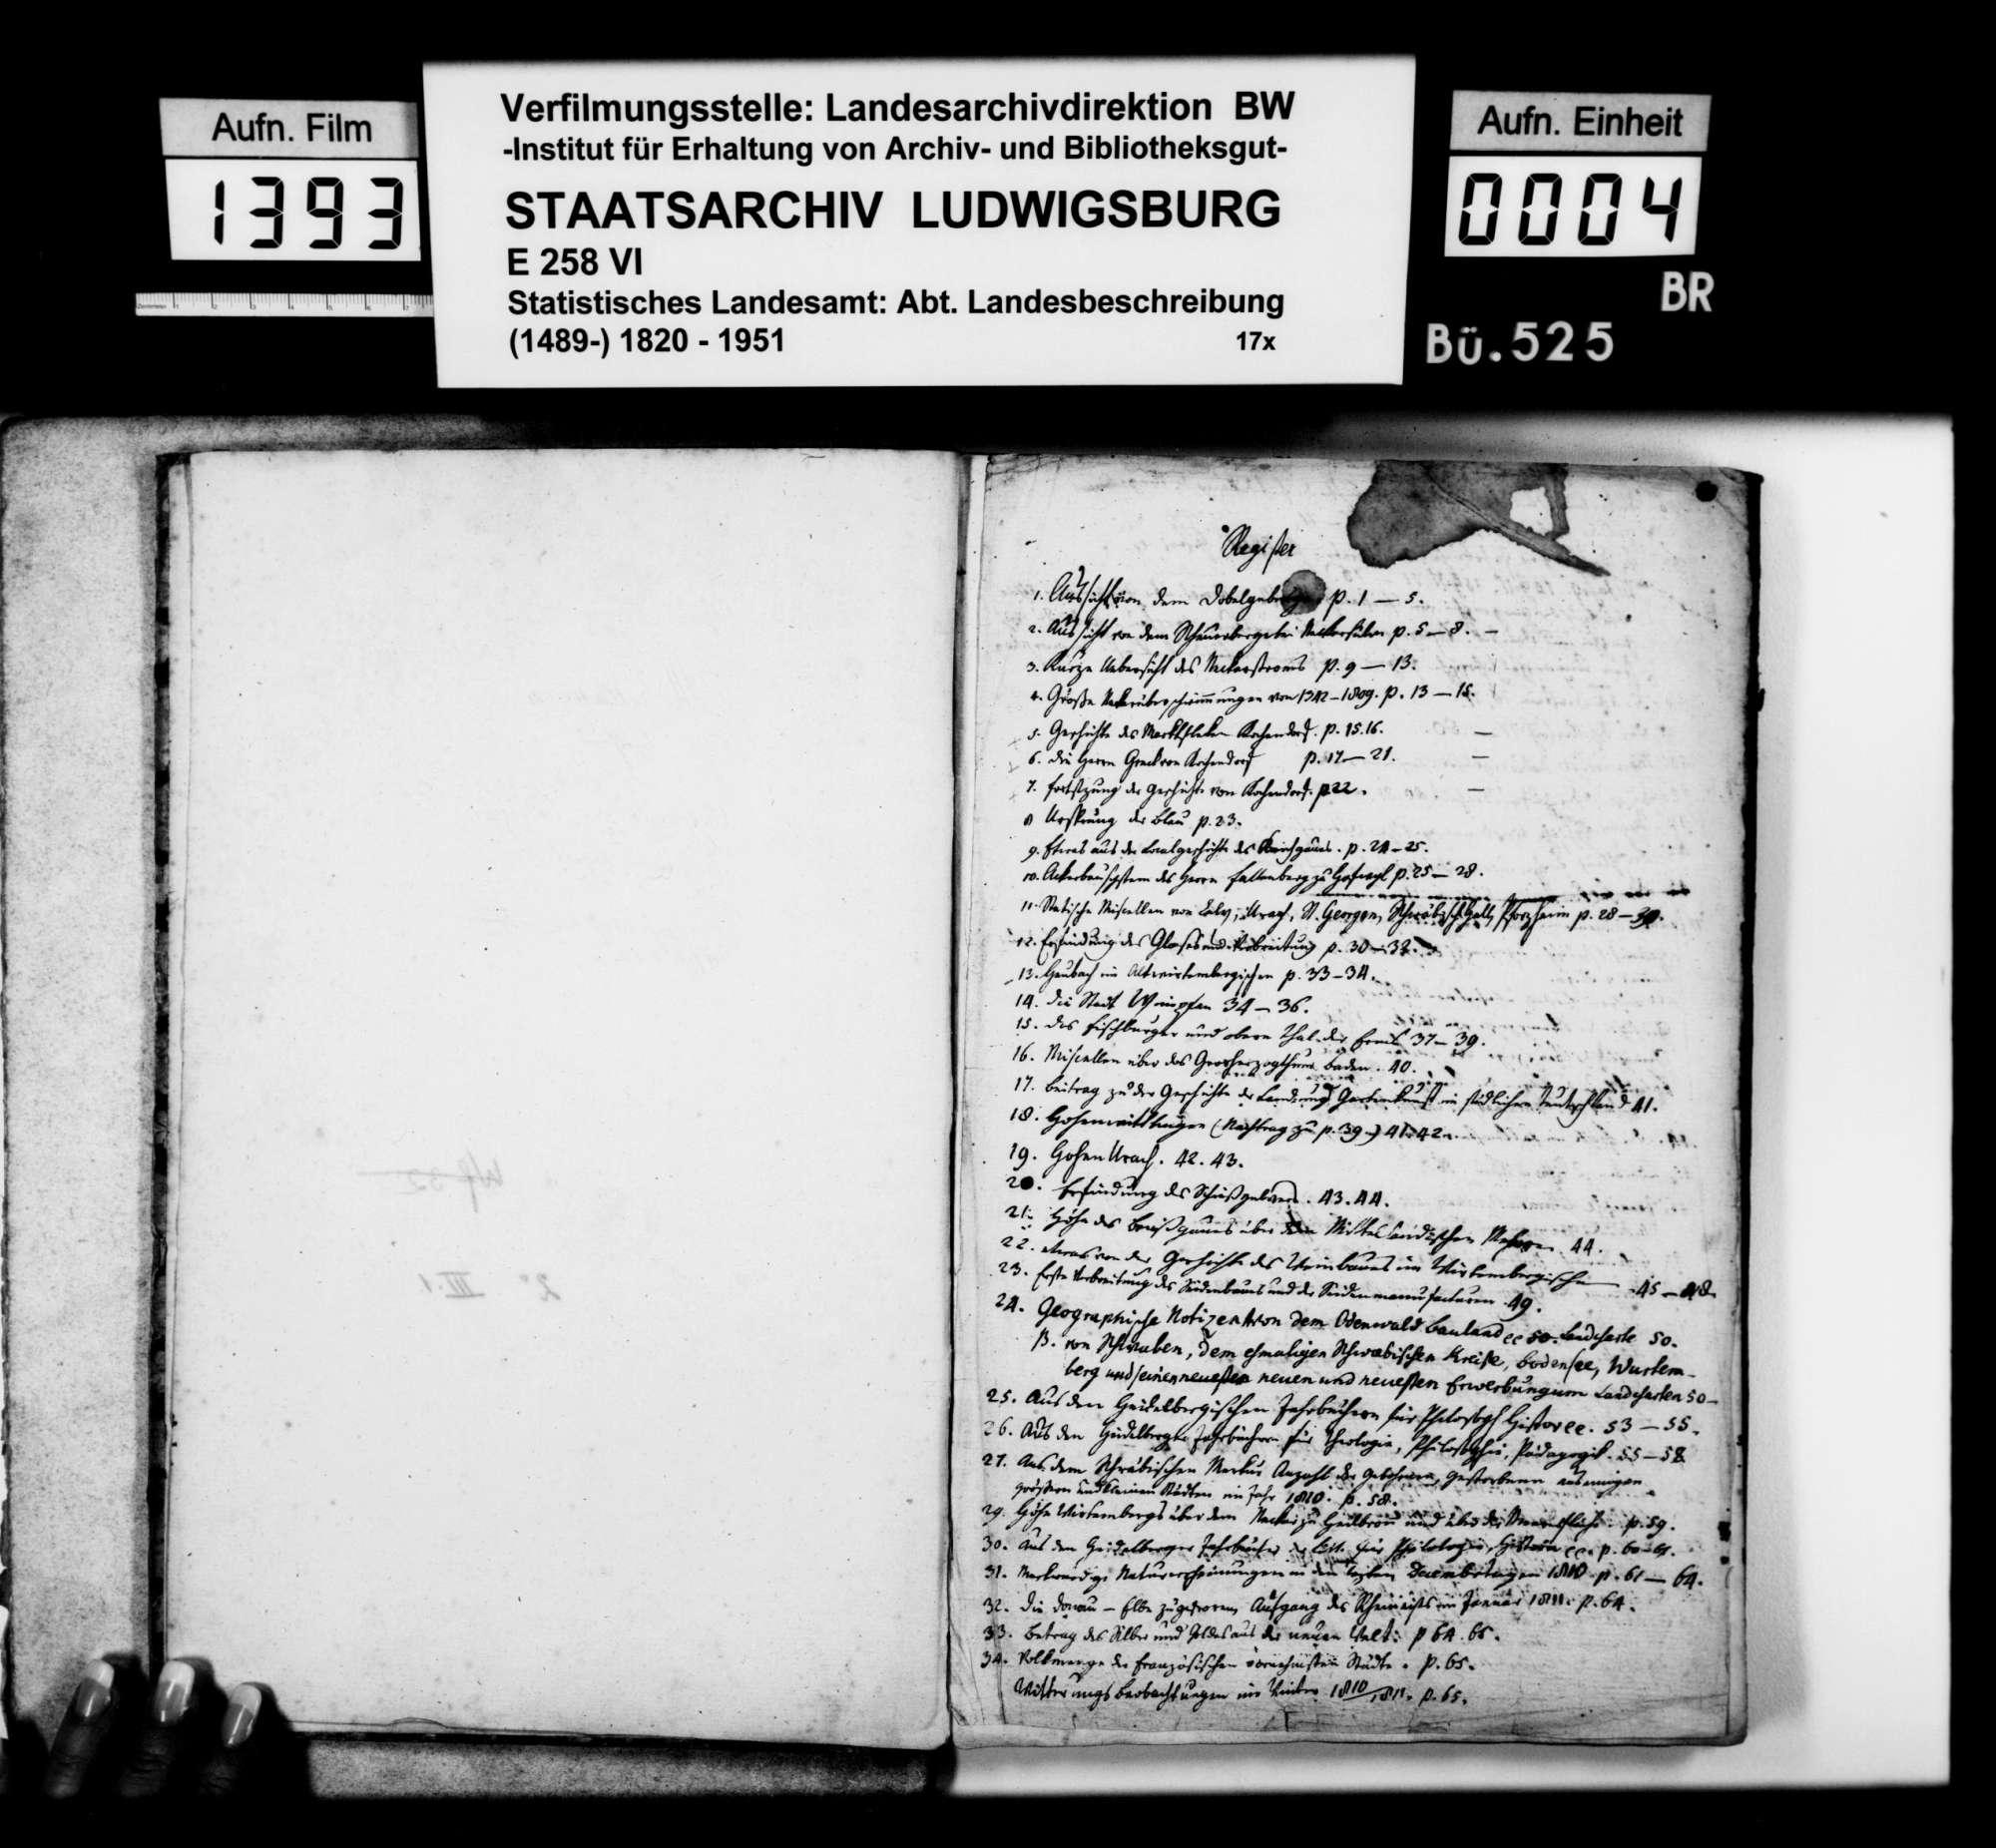 Miscellanea, bestehend aus Aufsätzen und Exzerpten verschiedenen Inhalts des Pfarrers [Karl Christian] Gratianus [aus Hengen], Bild 3